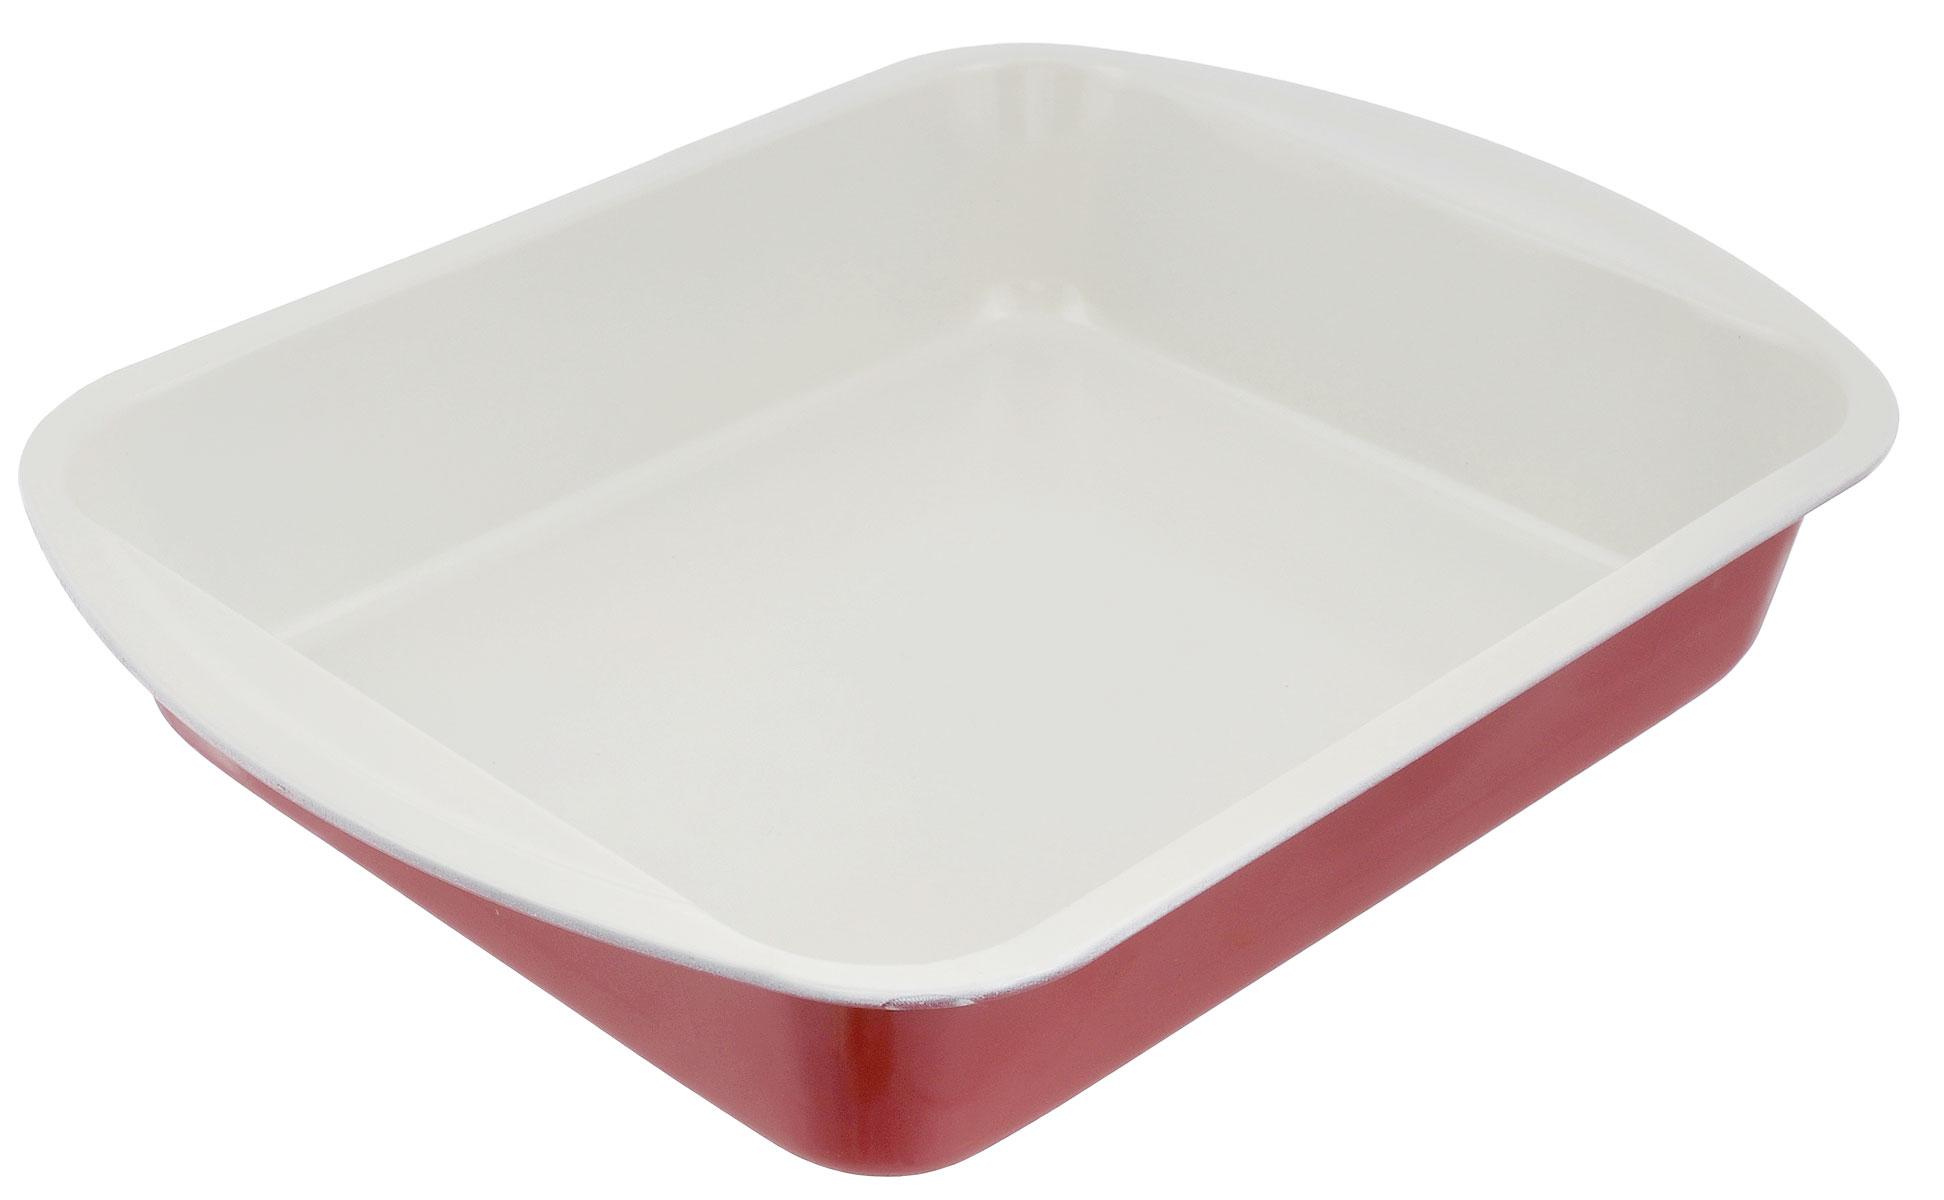 Противень Mayer & Boch, с керамическим покрытием, прямоугольный, цвет: красный, 34 х 24 х 5,3 см противень 290х200х25 мм discovery 916200